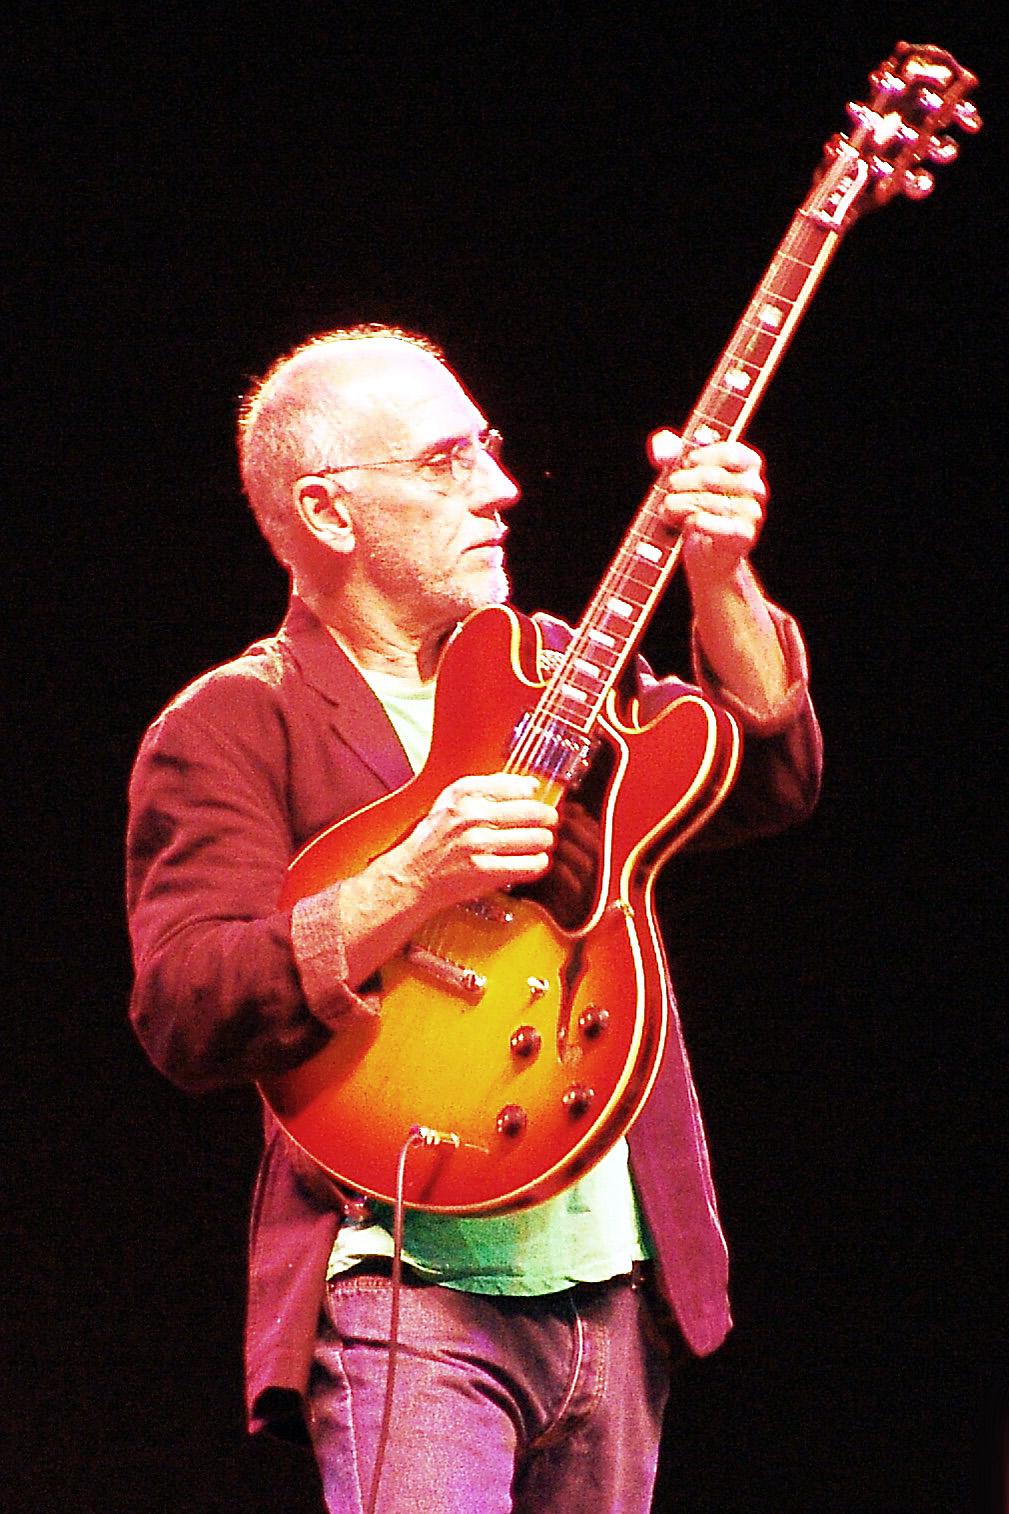 Larry Carlton of Fourplay, 2006 Capital Jazzfest (MD)